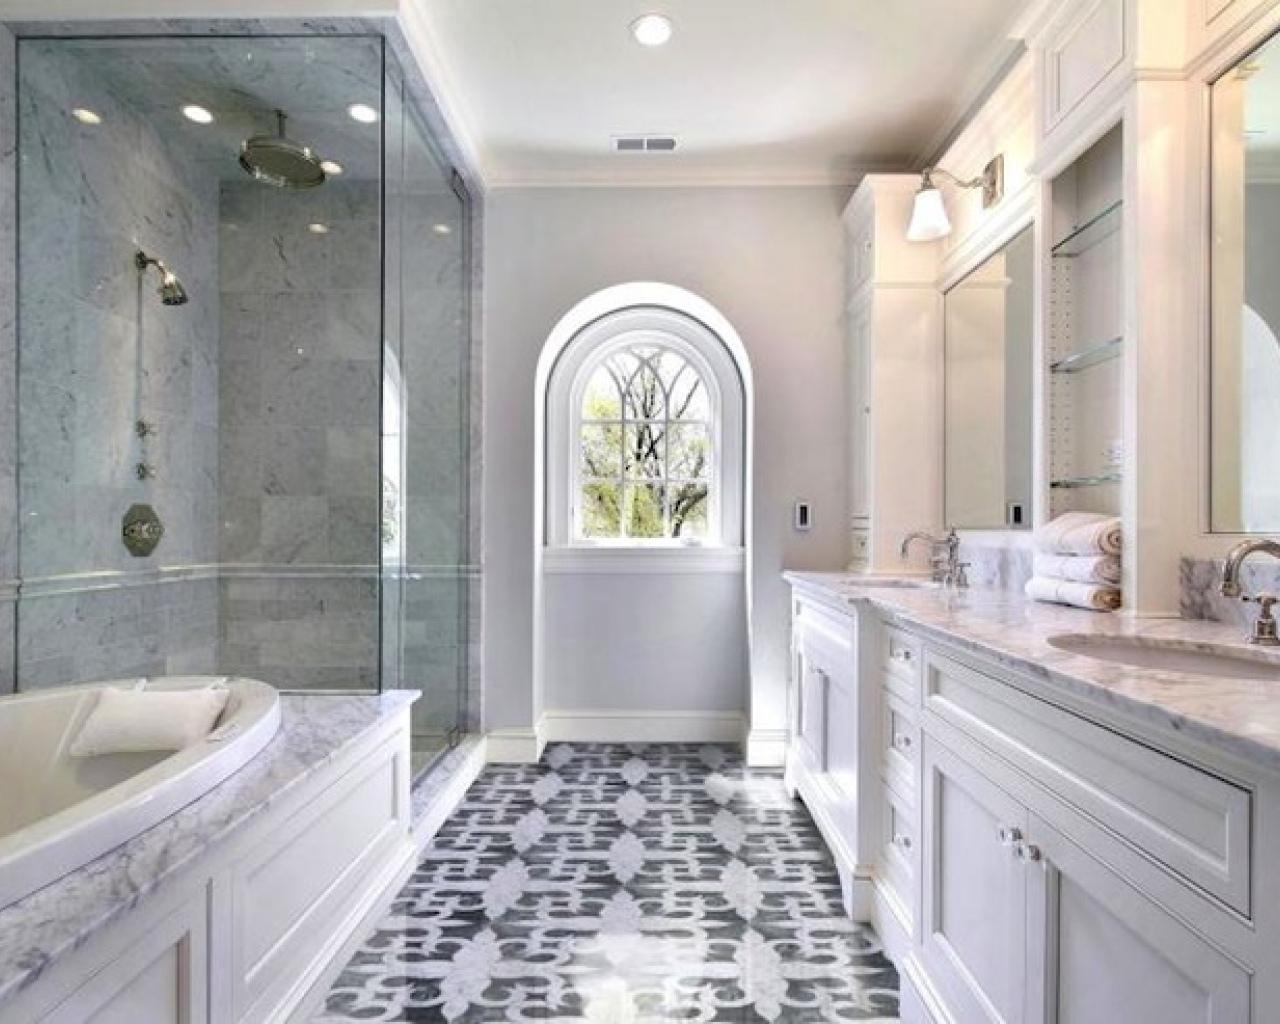 bathroom-ideas-with-marble-floor-astronomybbs-info-impressive-marble-bathroom-ideas-6.jpg